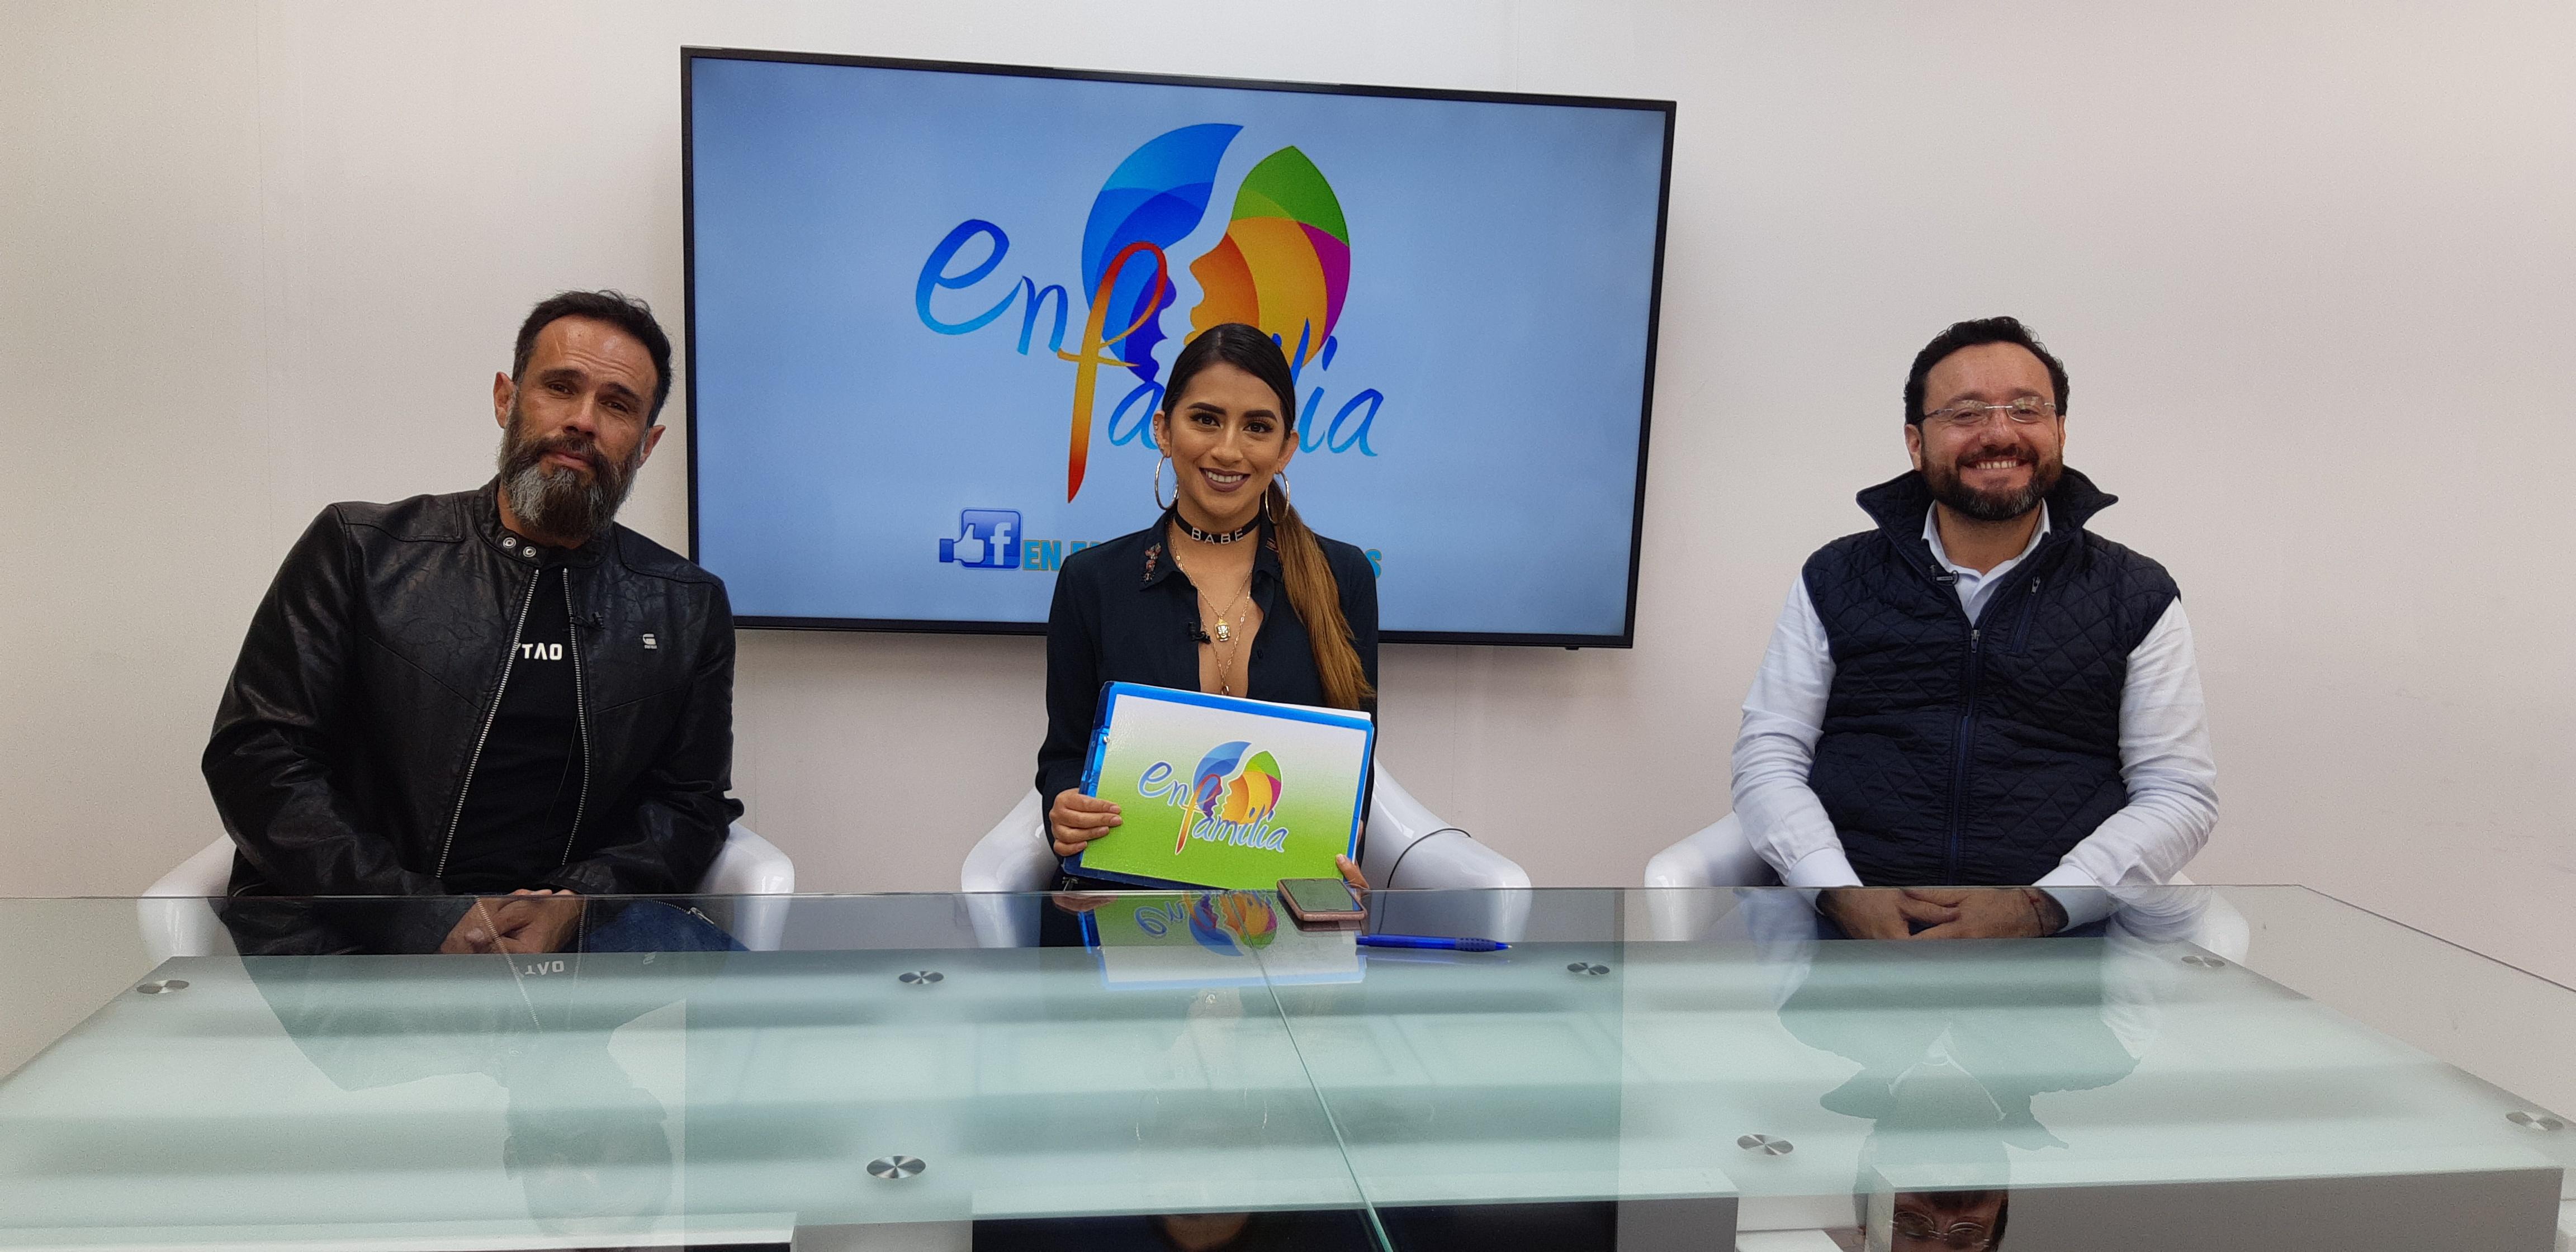 Entrevista en importante canal de televisión